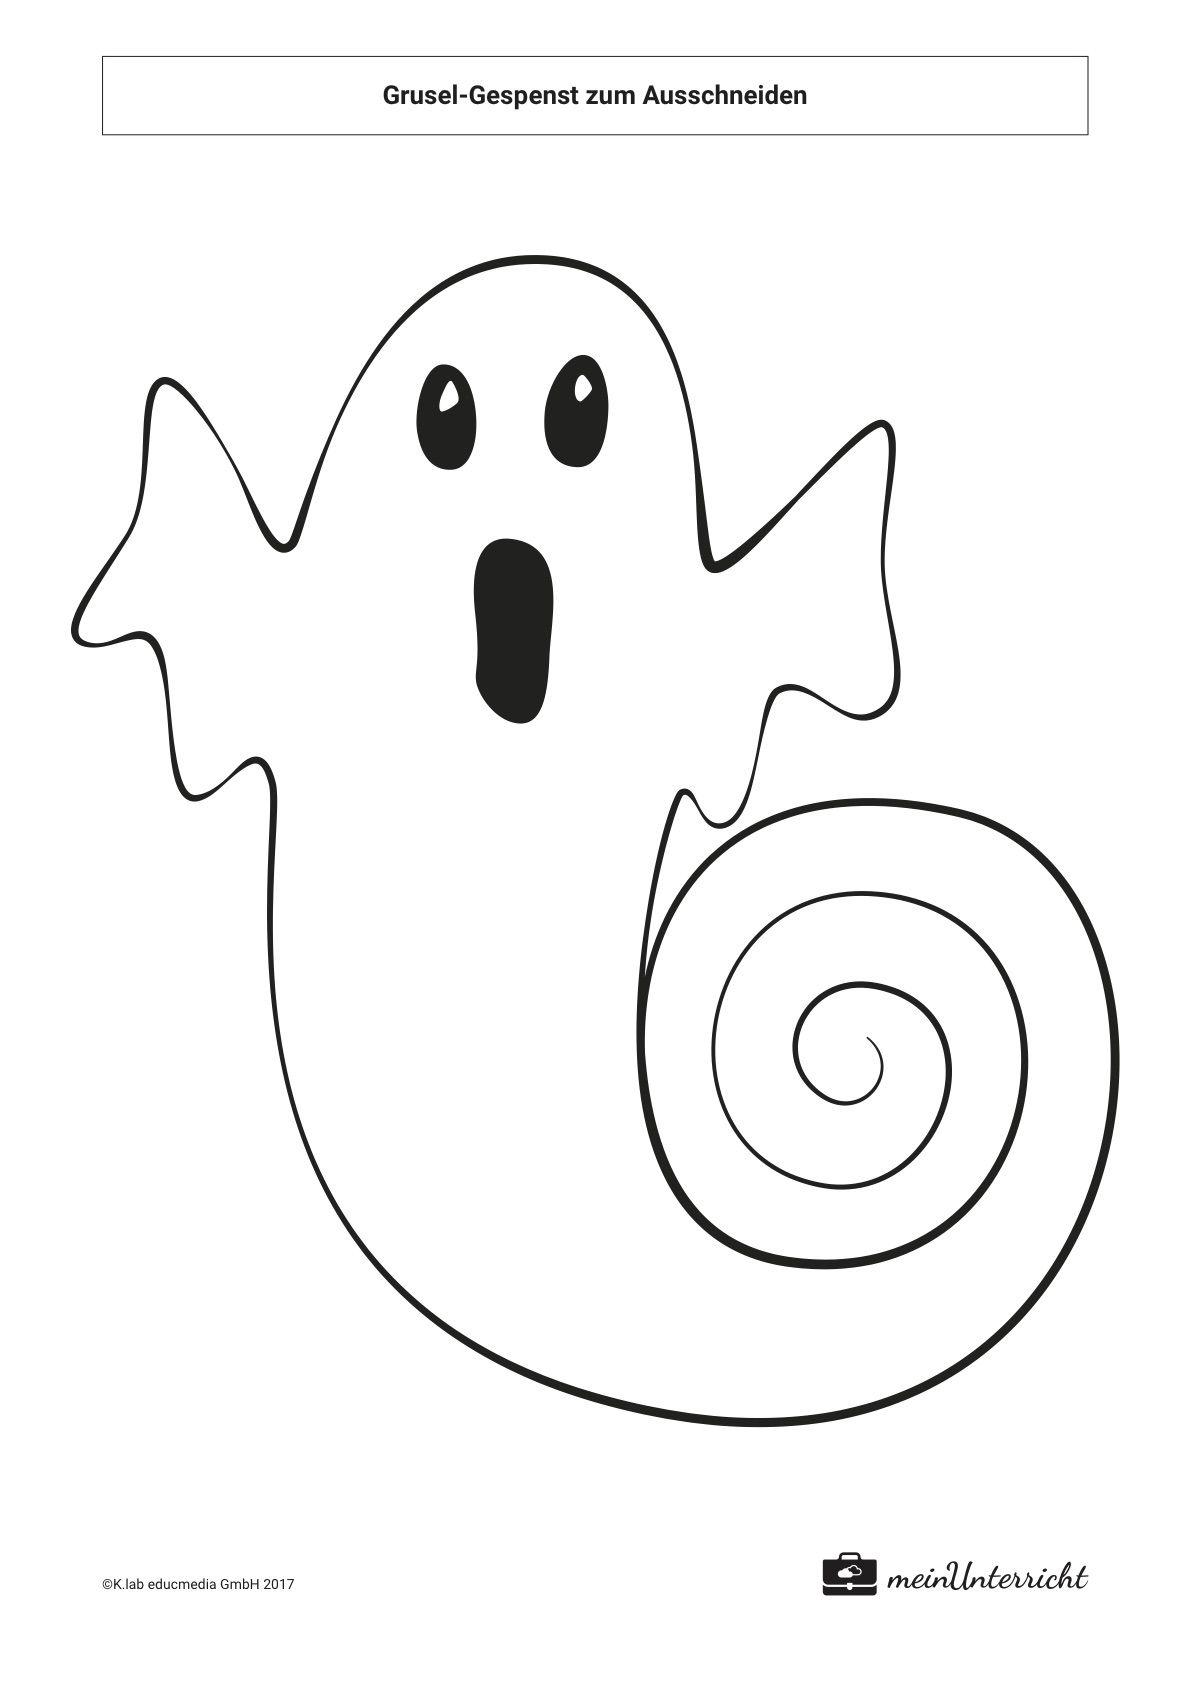 Grusel Gespenst Zum Ausschneiden Meinunterricht De Basteln Halloween Halloween Basteln Vorlagen Halloween Katze Basteln